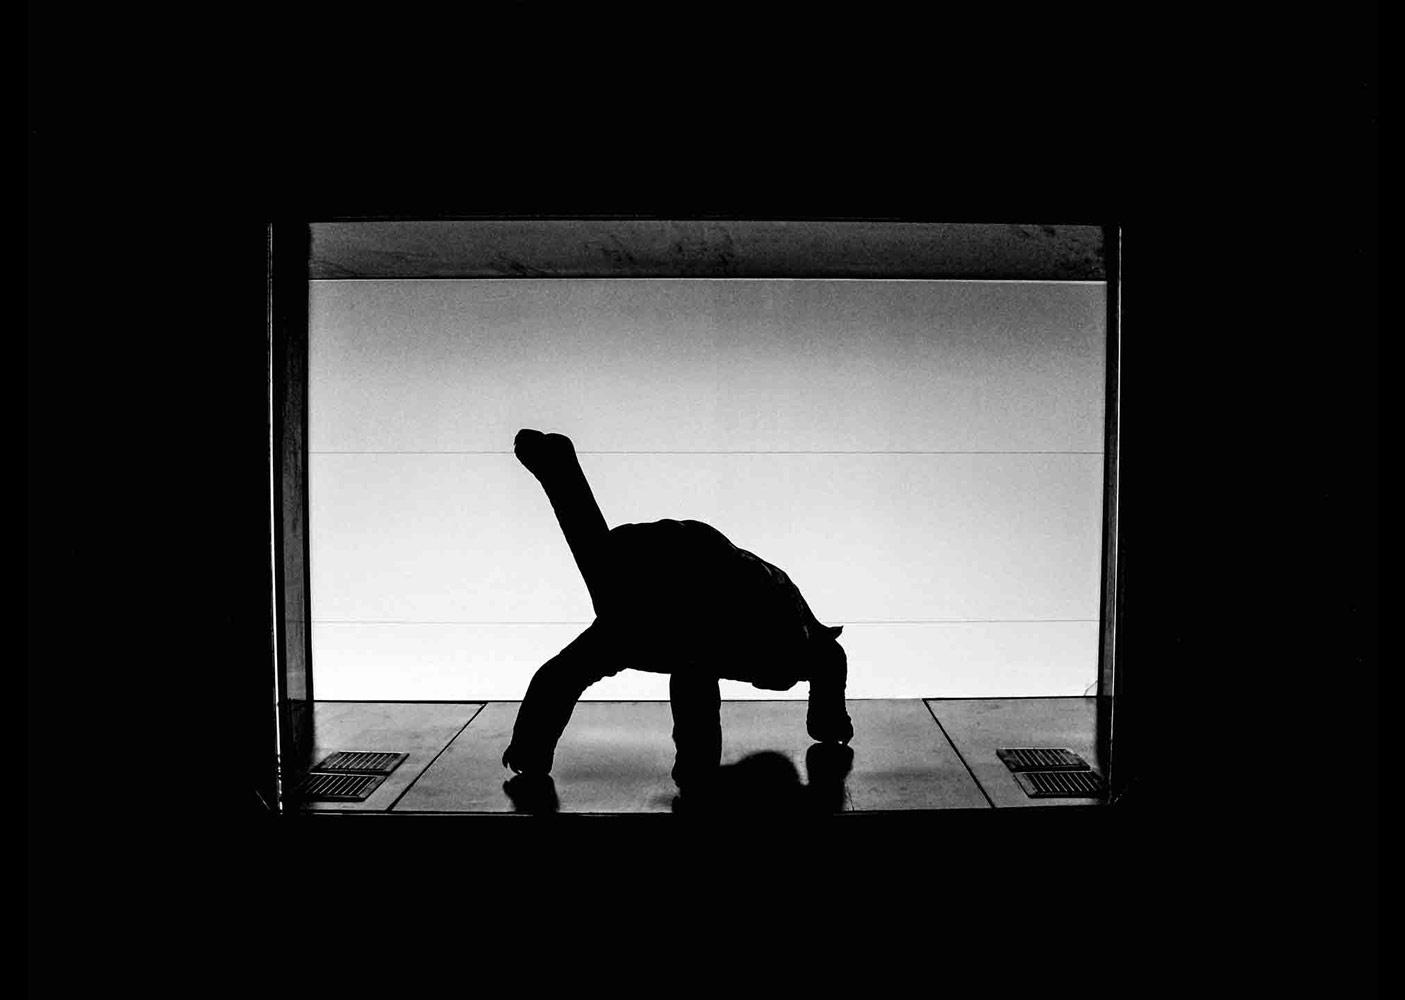 Одинокий Джордж, © Люси Хаттон, Победитель в категории «Влияние человека на животных», Абсолютный победитель, Молодёжный фотоконкурс RSPCA